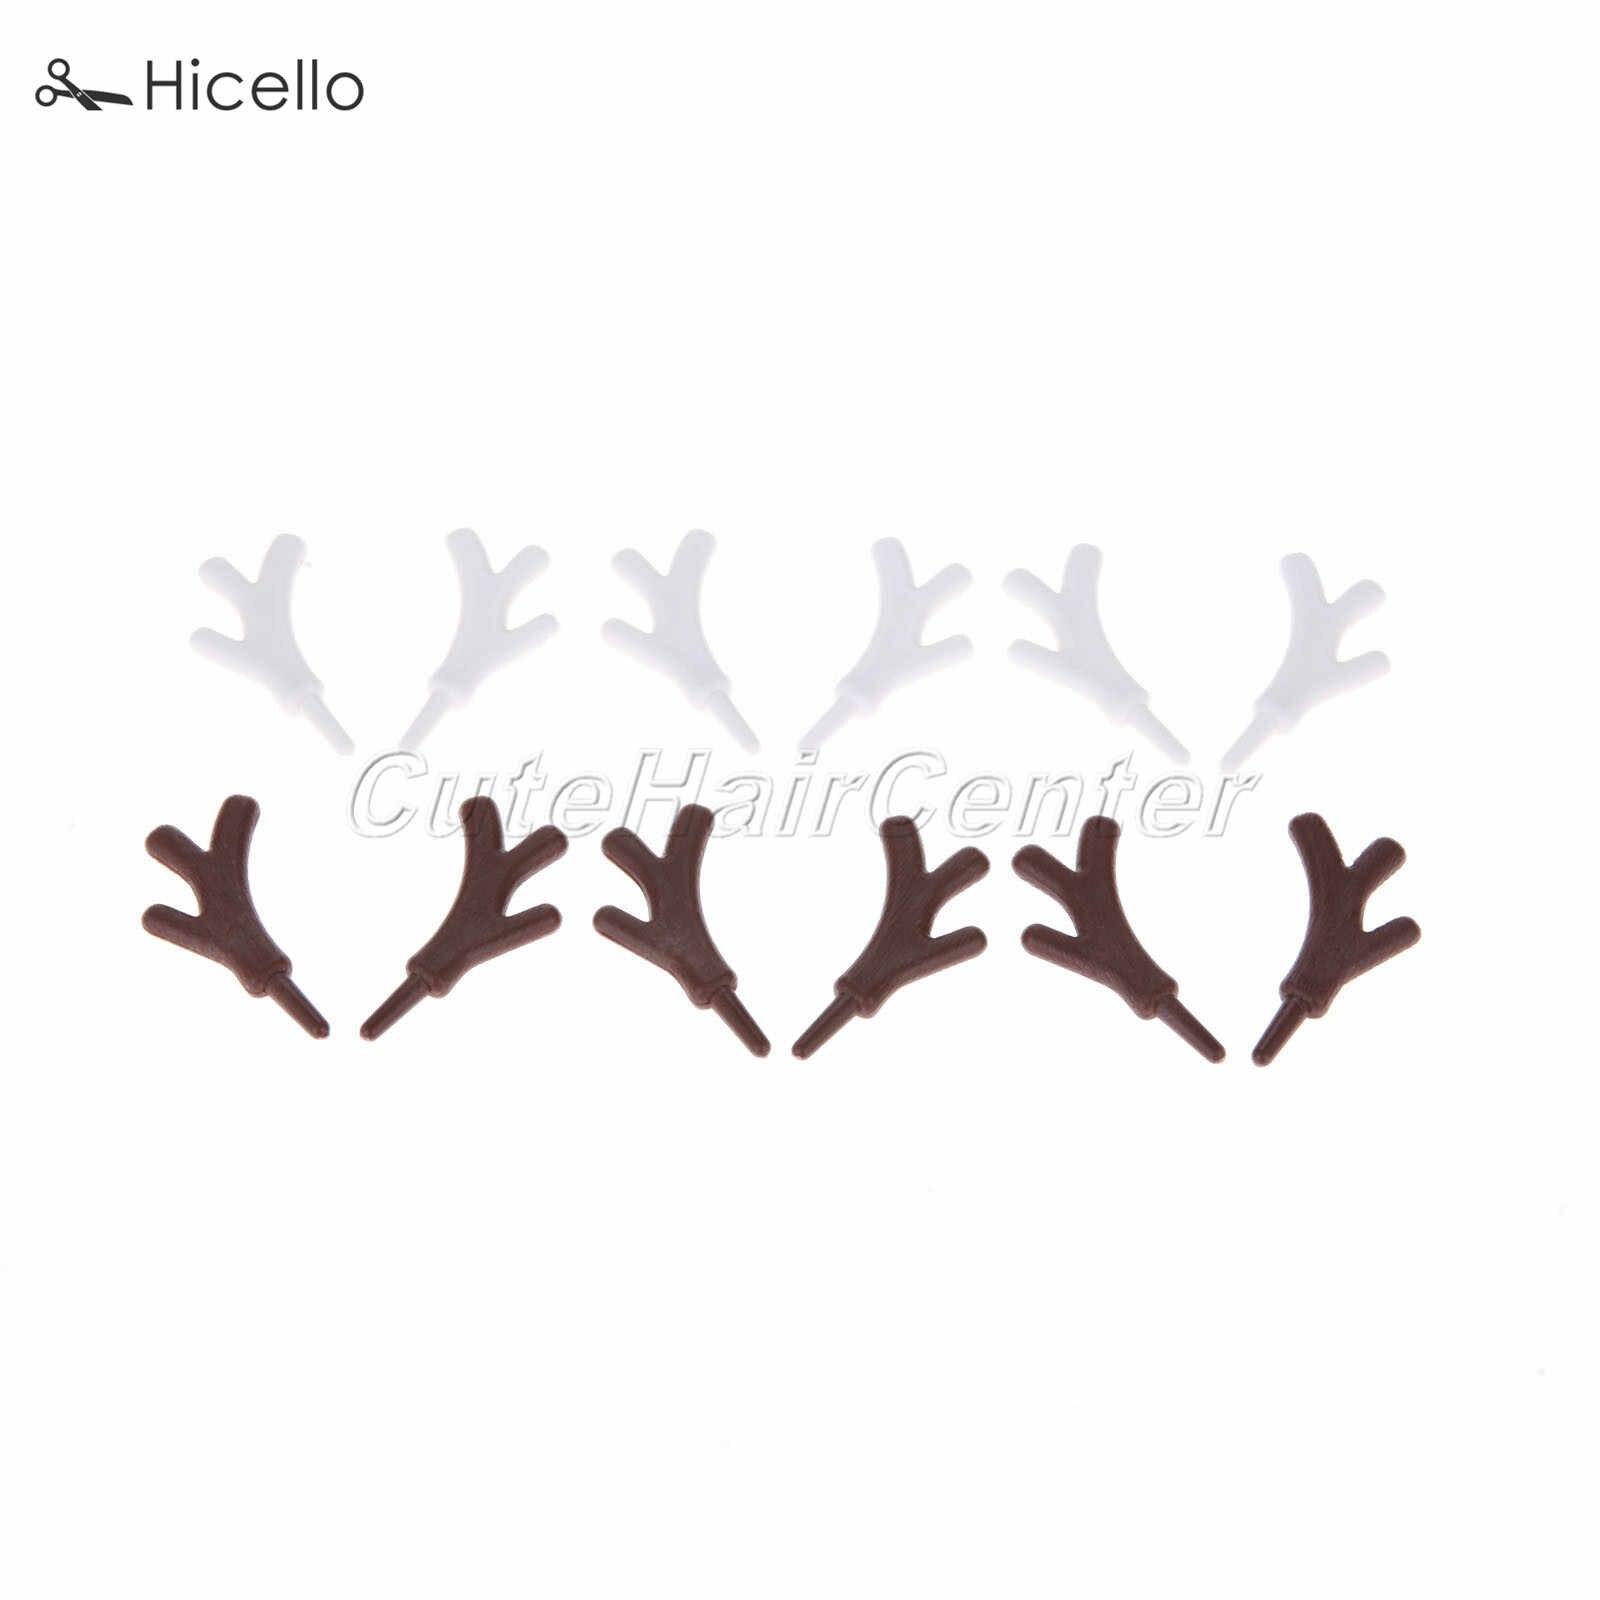 20 sztuk z tworzywa sztucznego oddział poroża drogi rogi 45*25 MM biała kawa DIY opaska do włosów boże narodzenie bałwan Holiday Festival Party dekoracji